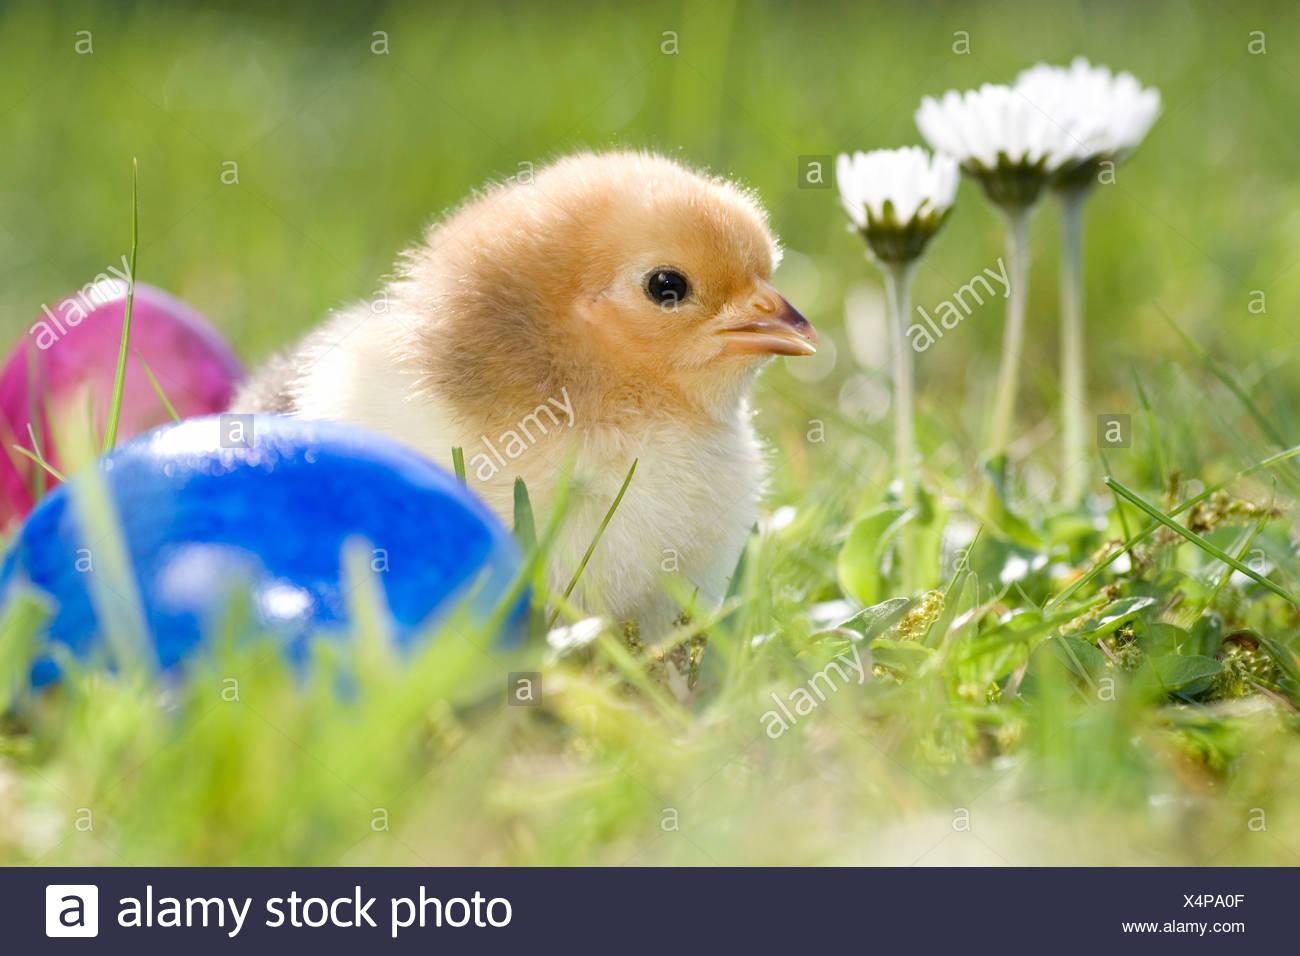 Wunderbar Ostern Küken Färbung Seite Ideen - Malvorlagen Von Tieren ...